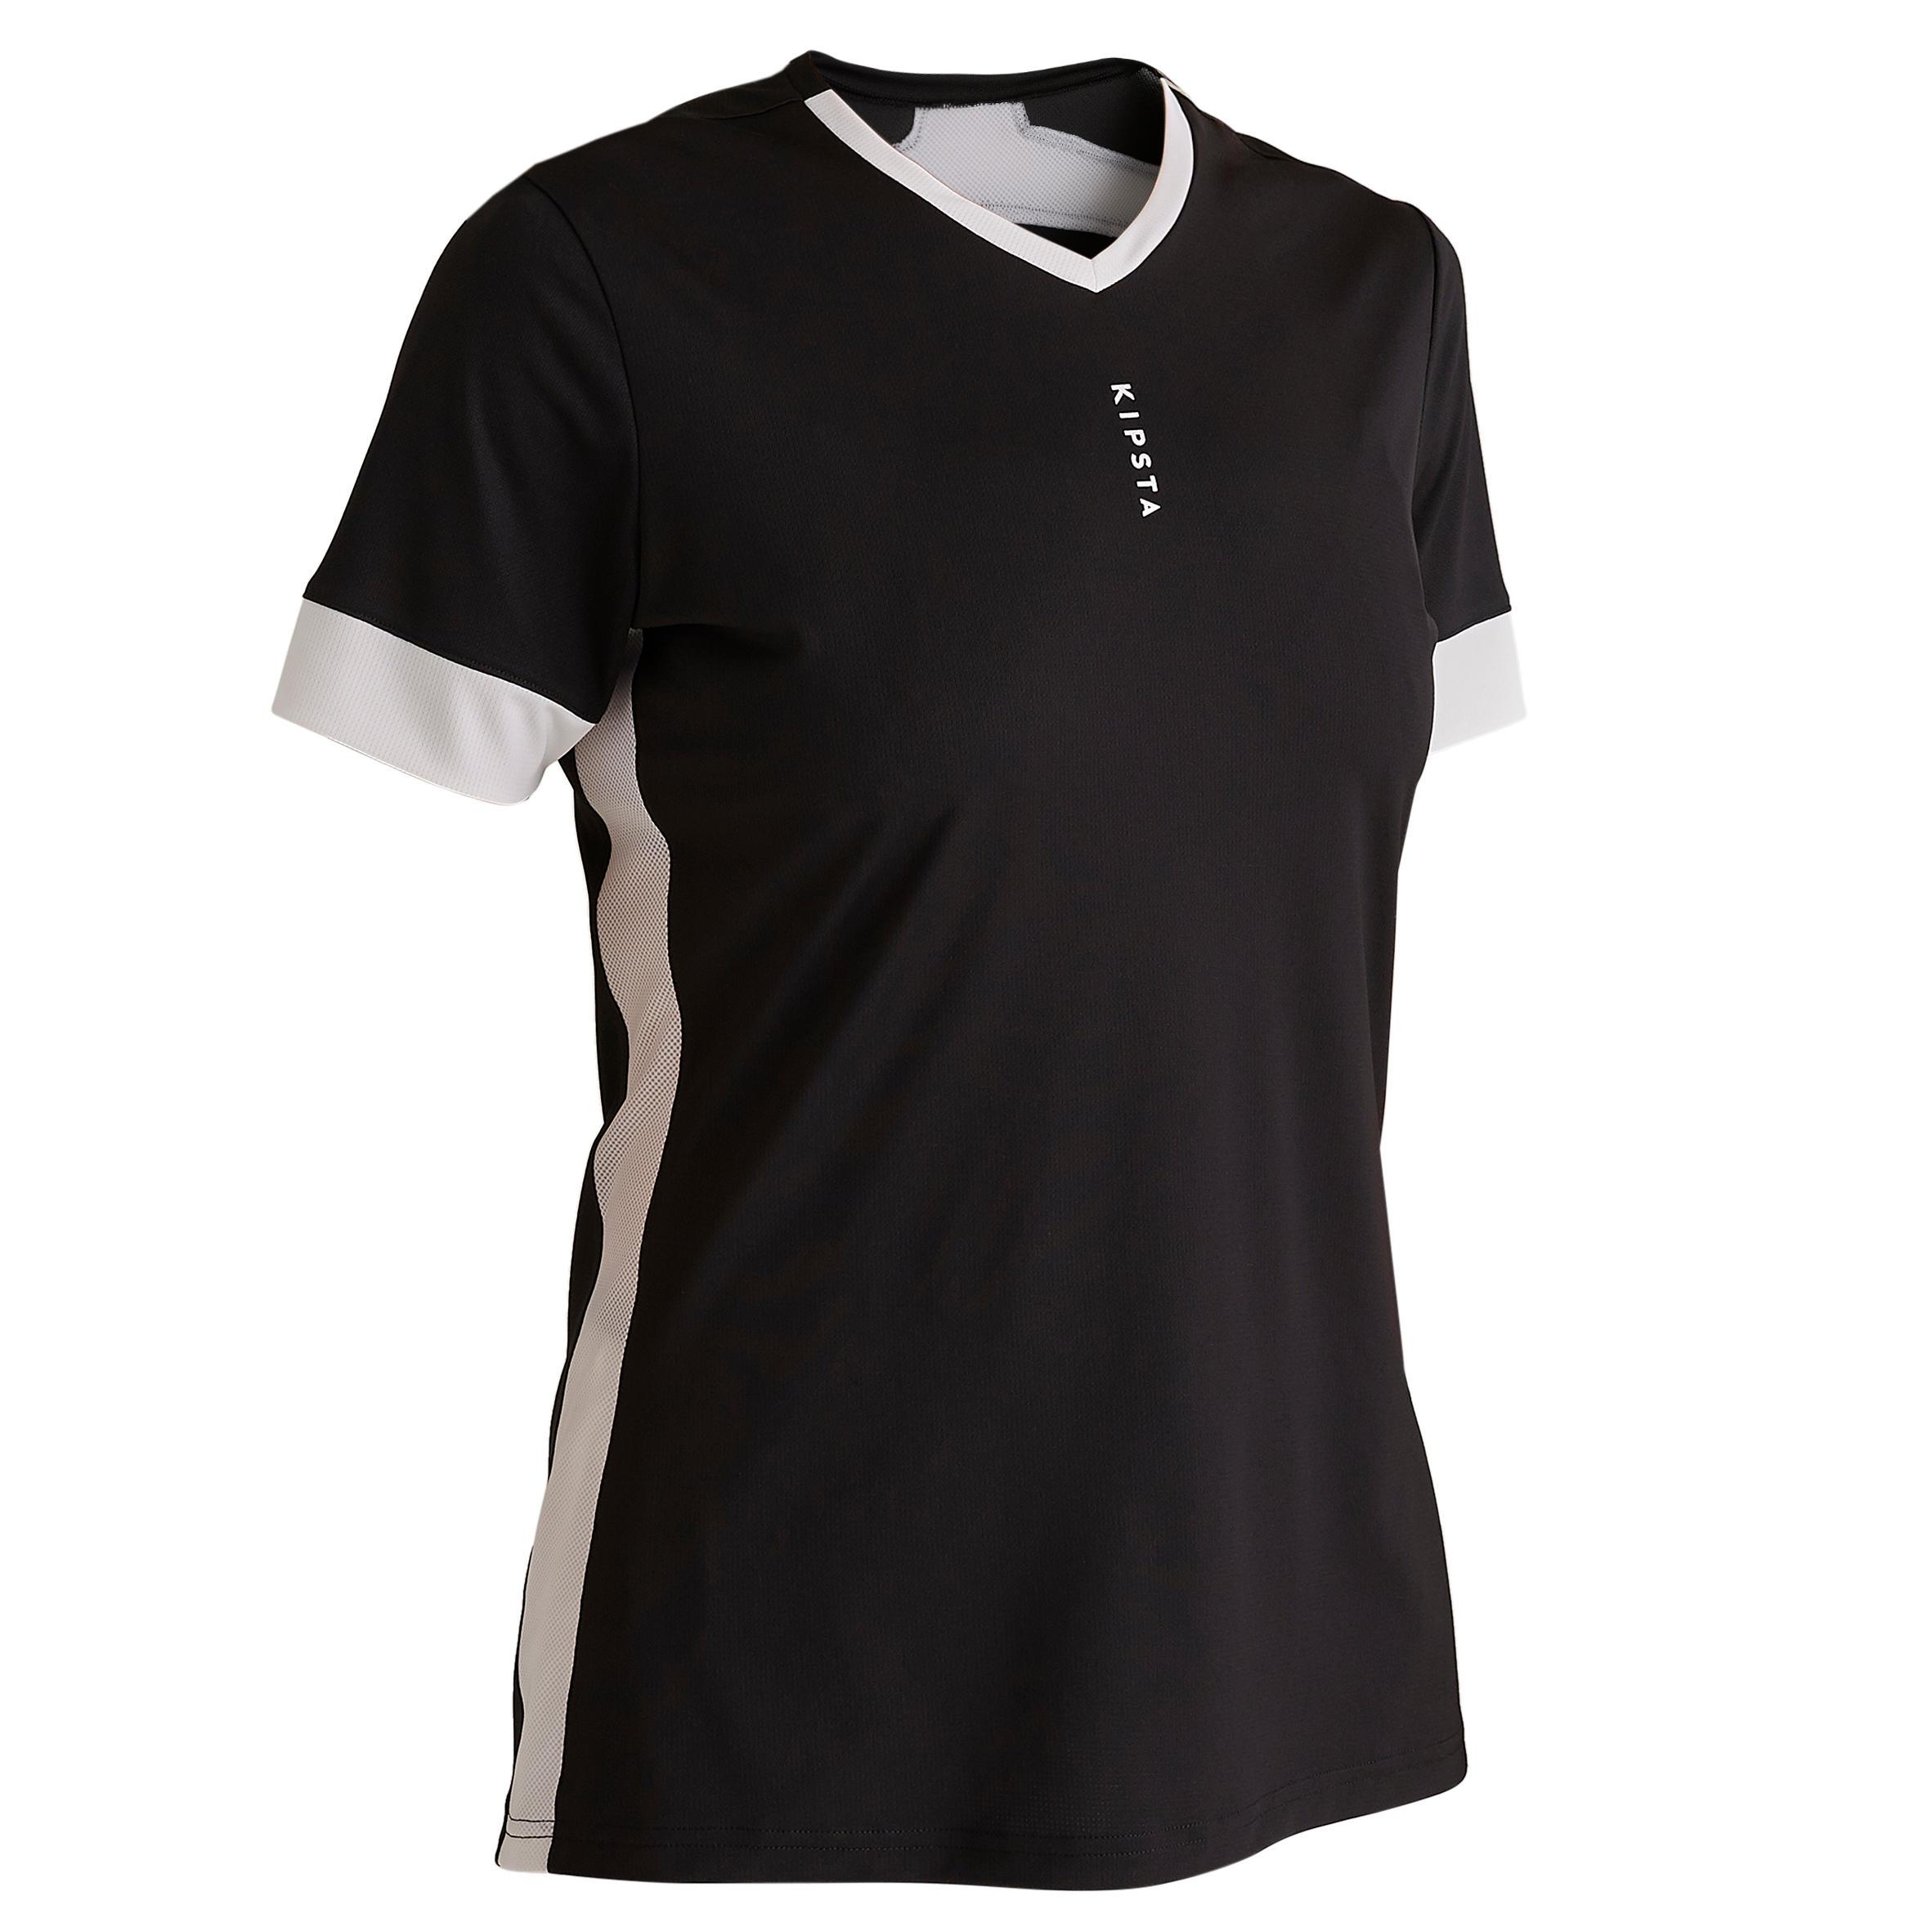 Comprar Camisetas de Fútbol para Adultos y Niños  3f701212503